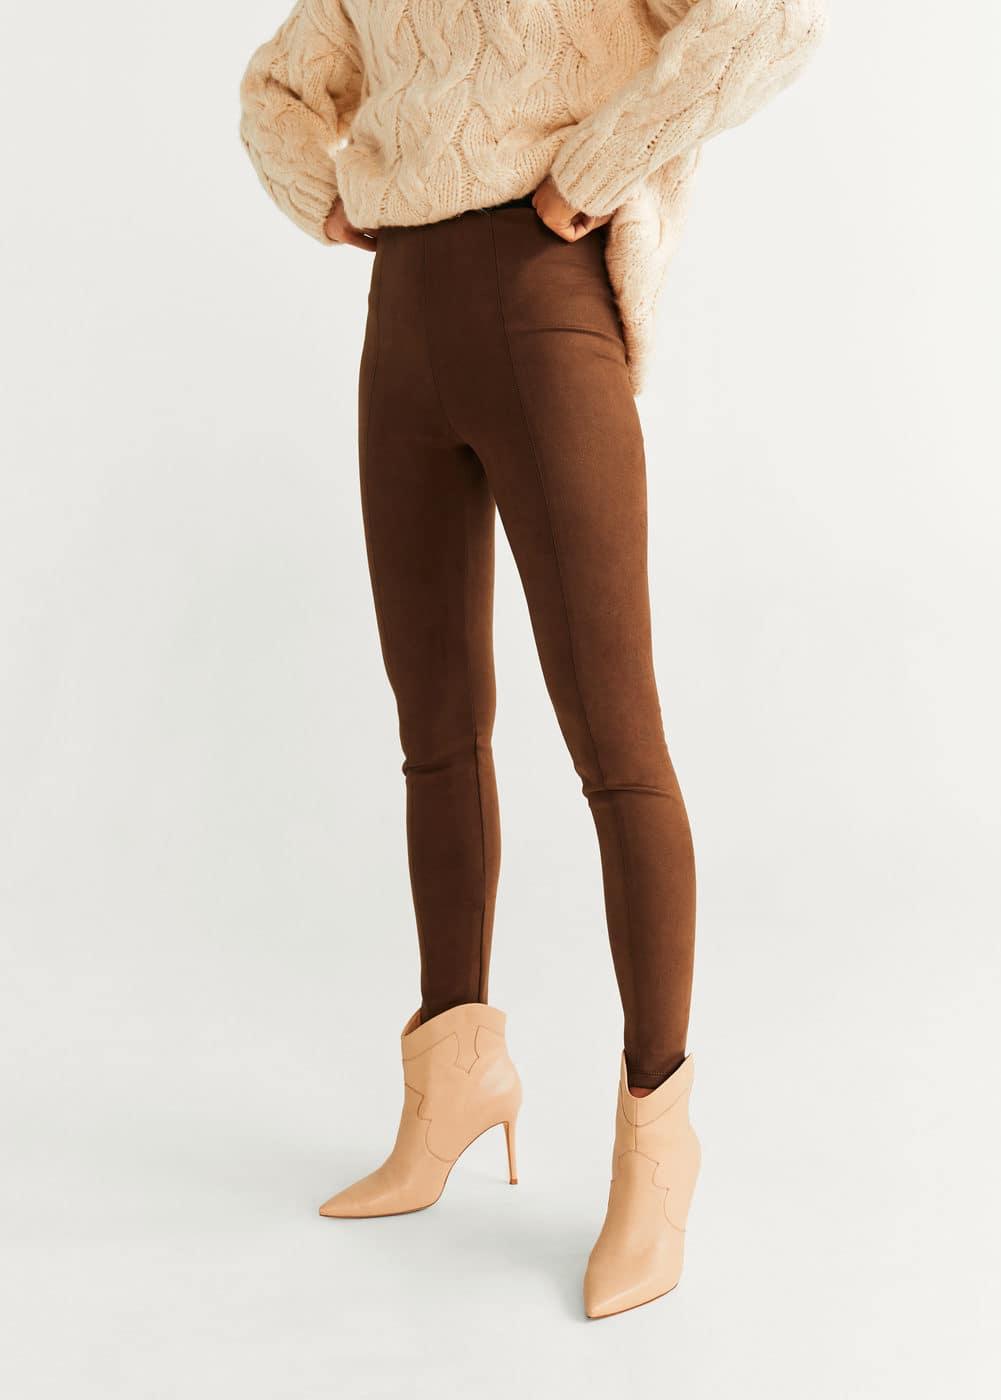 m-susan:leggings costuras decorativas